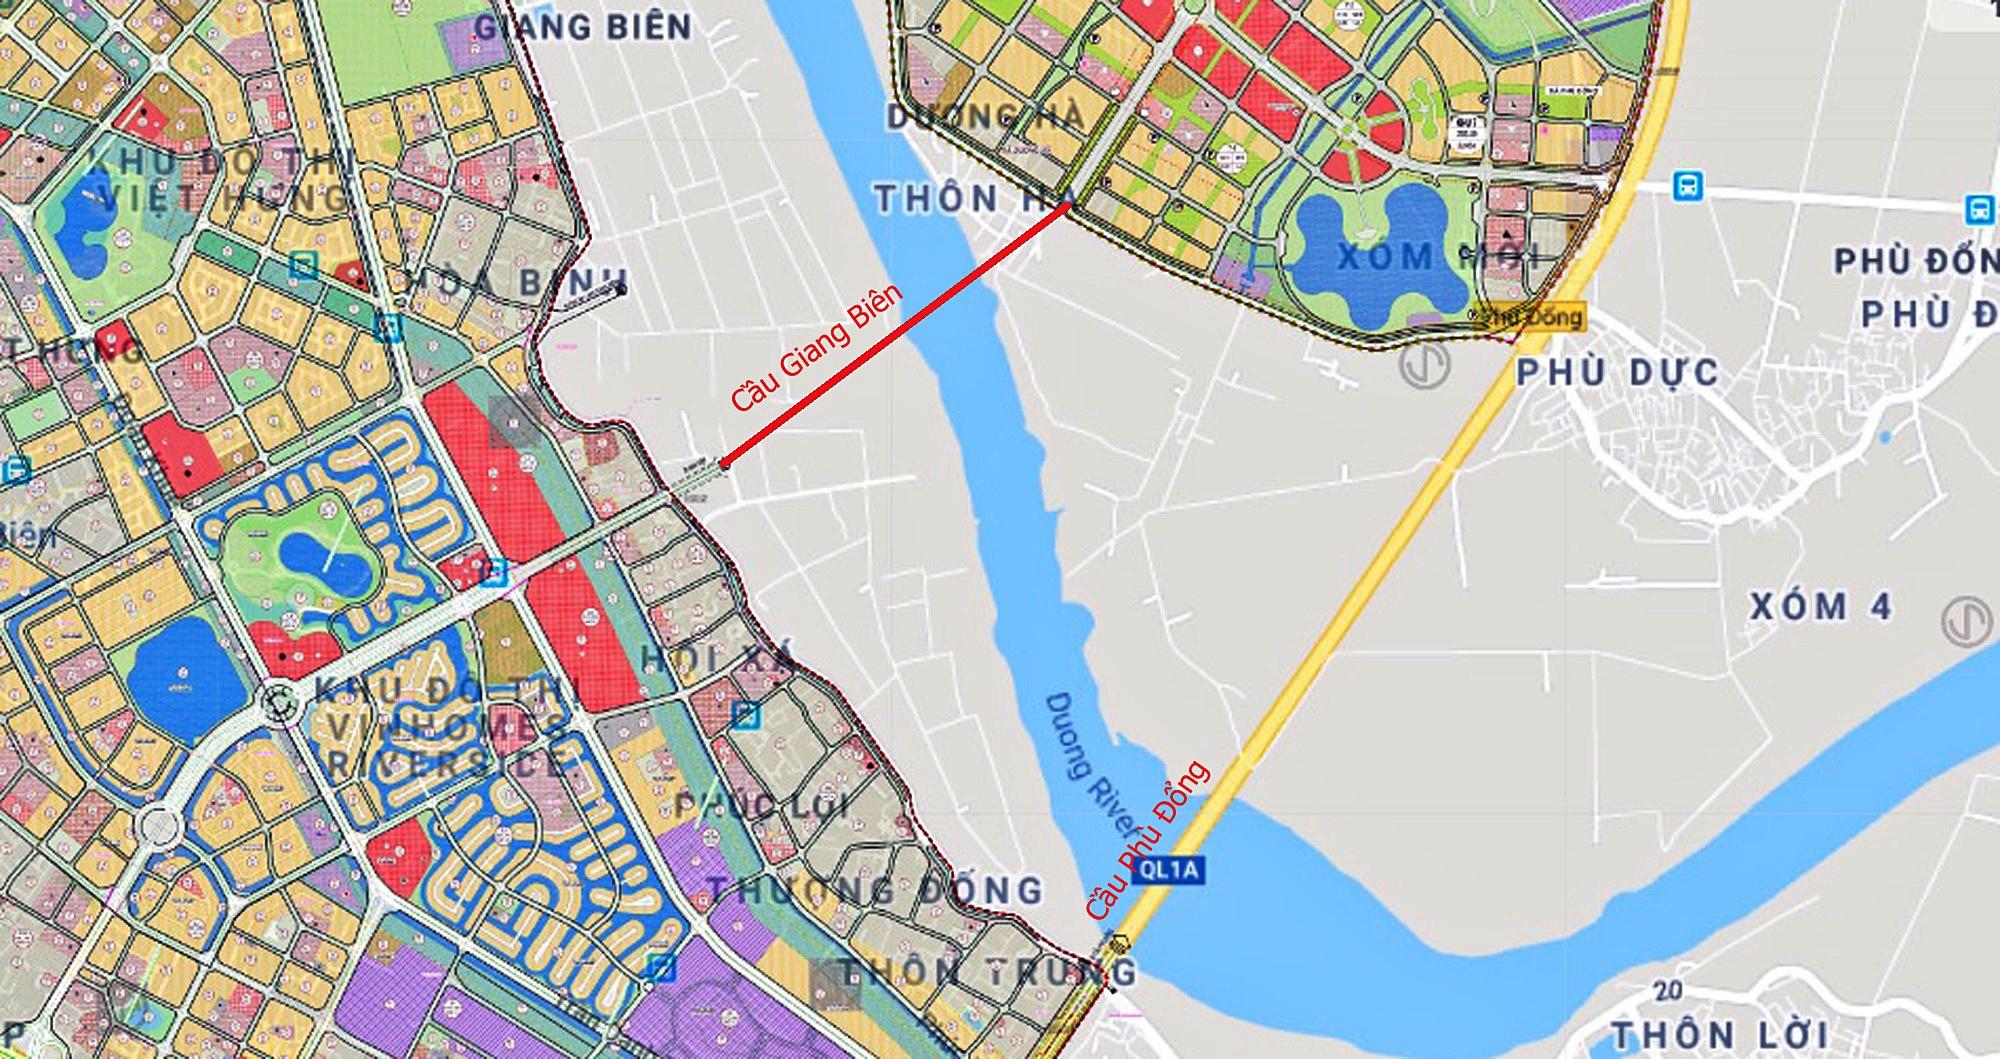 Cầu sẽ mở theo qui hoạch ở Hà Nội: Toành cảnh vị trí làm cầu Giang Biên - Ảnh 1.